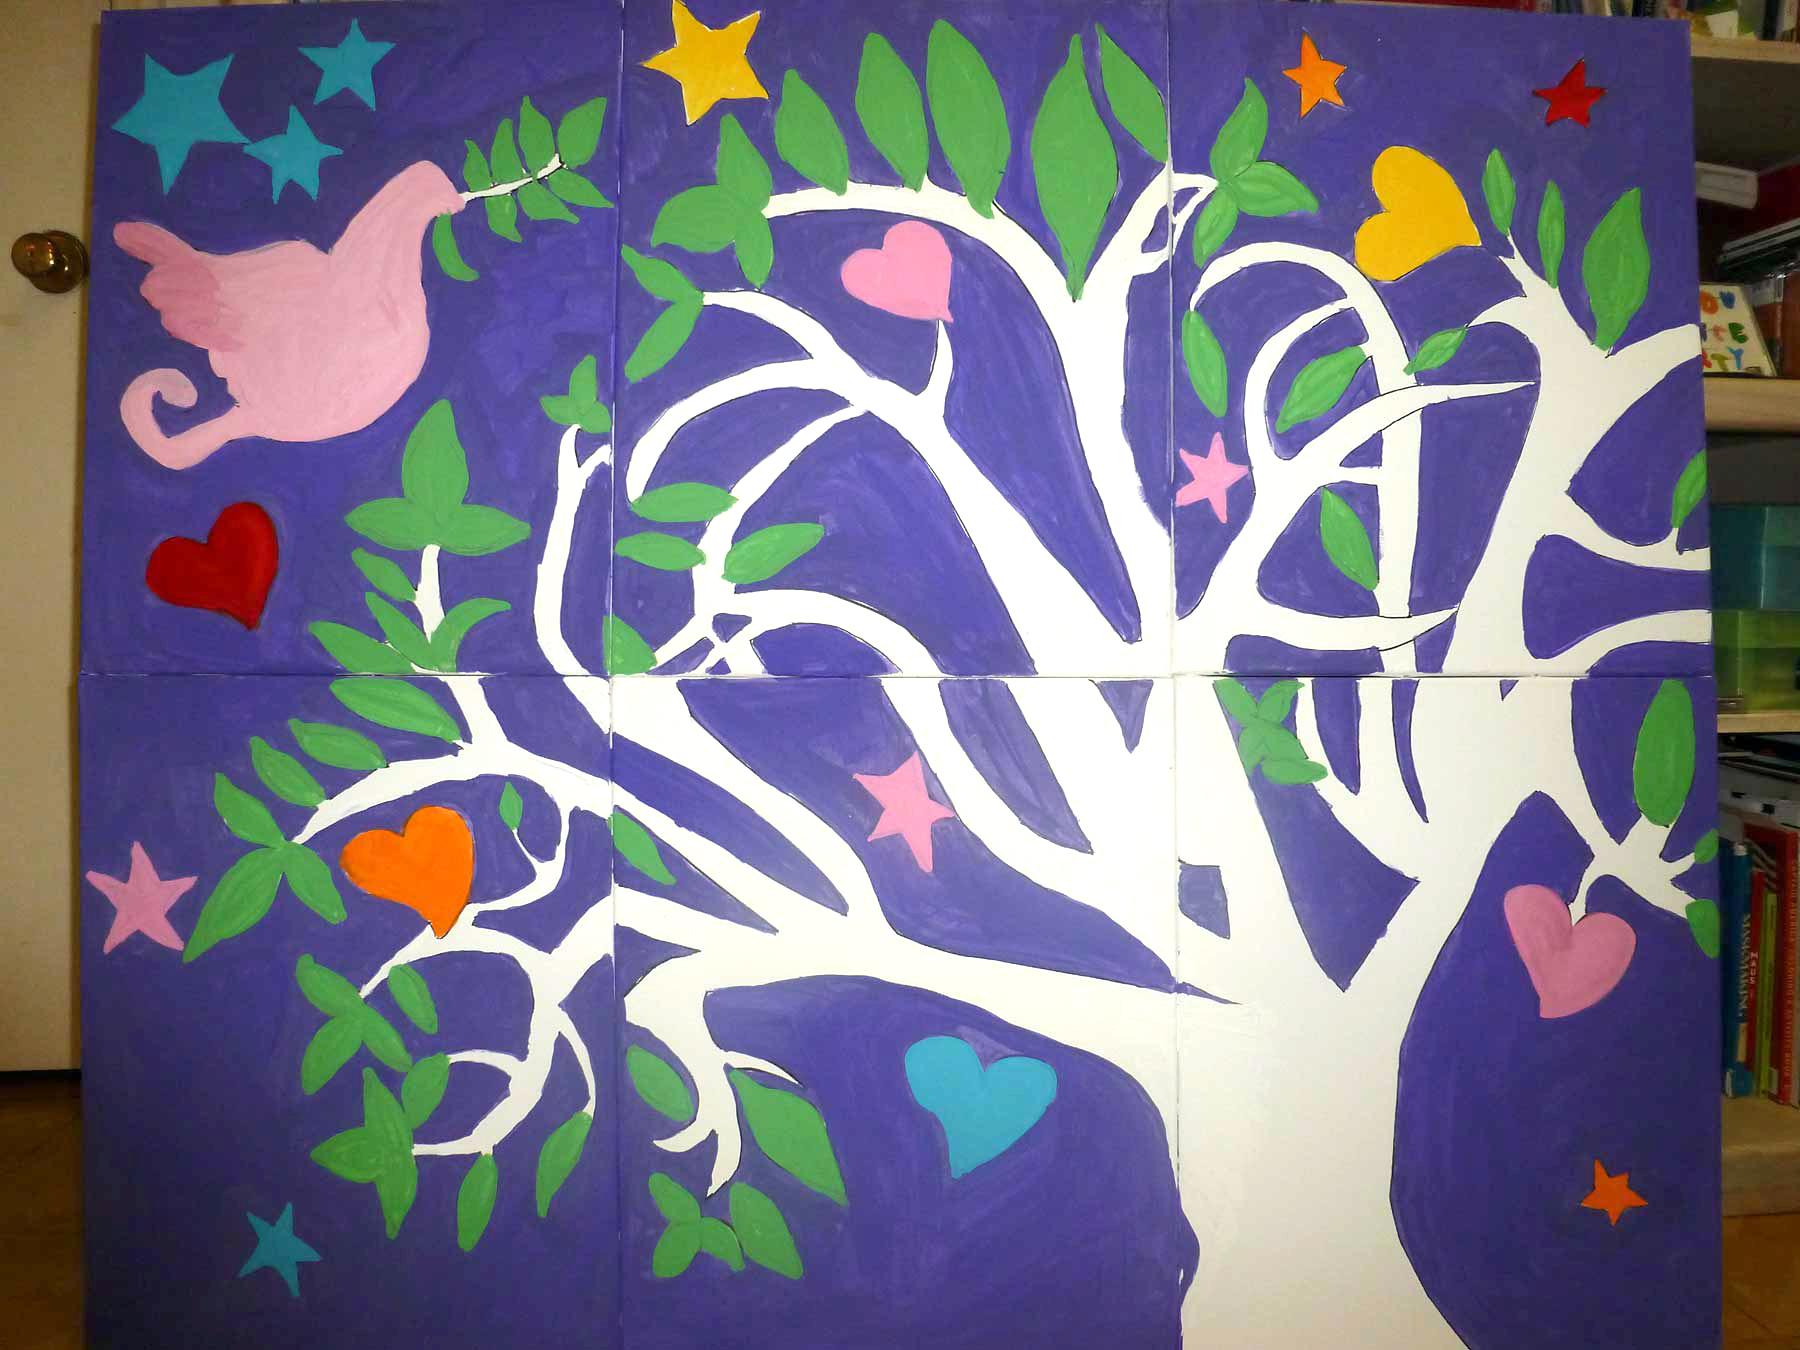 SHALOM-tree.jpg